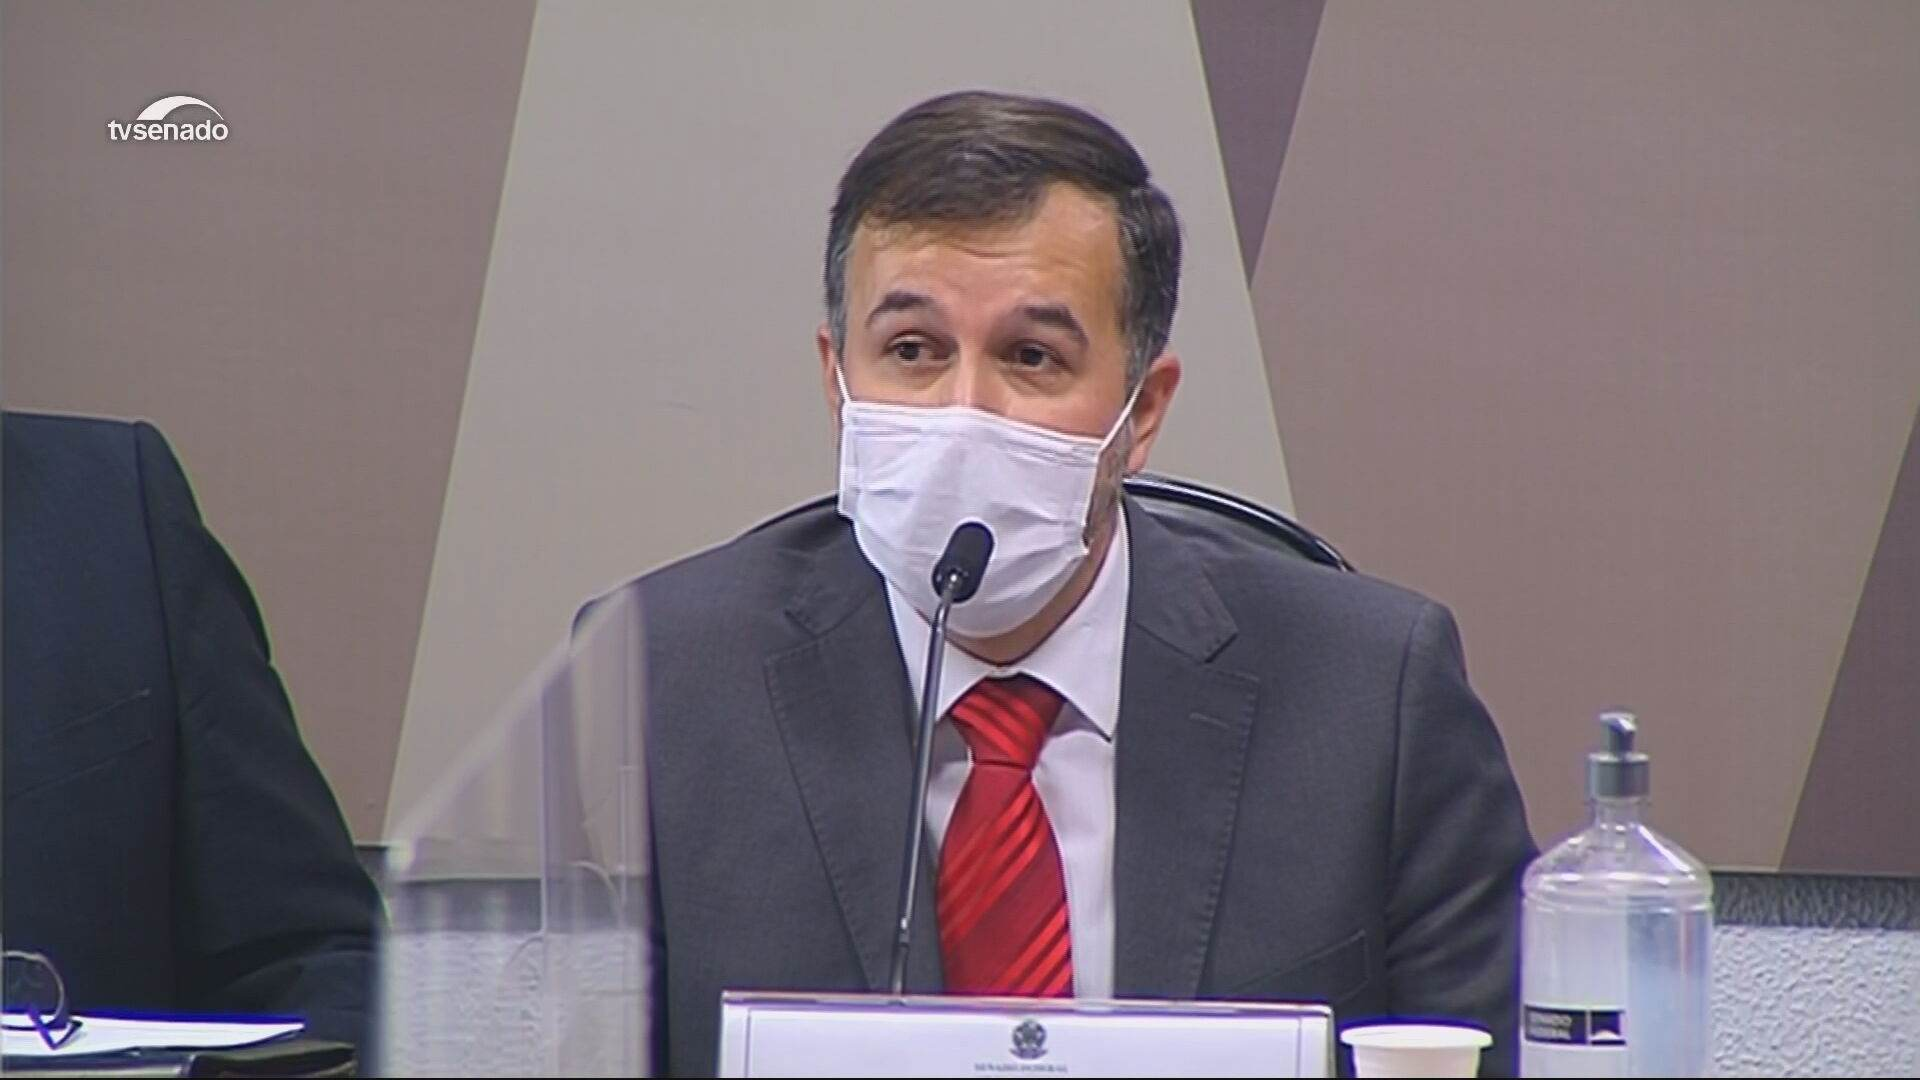 Auditor do Tribunal de Contas da União (TCU) Alexandre Figueiredo Marques